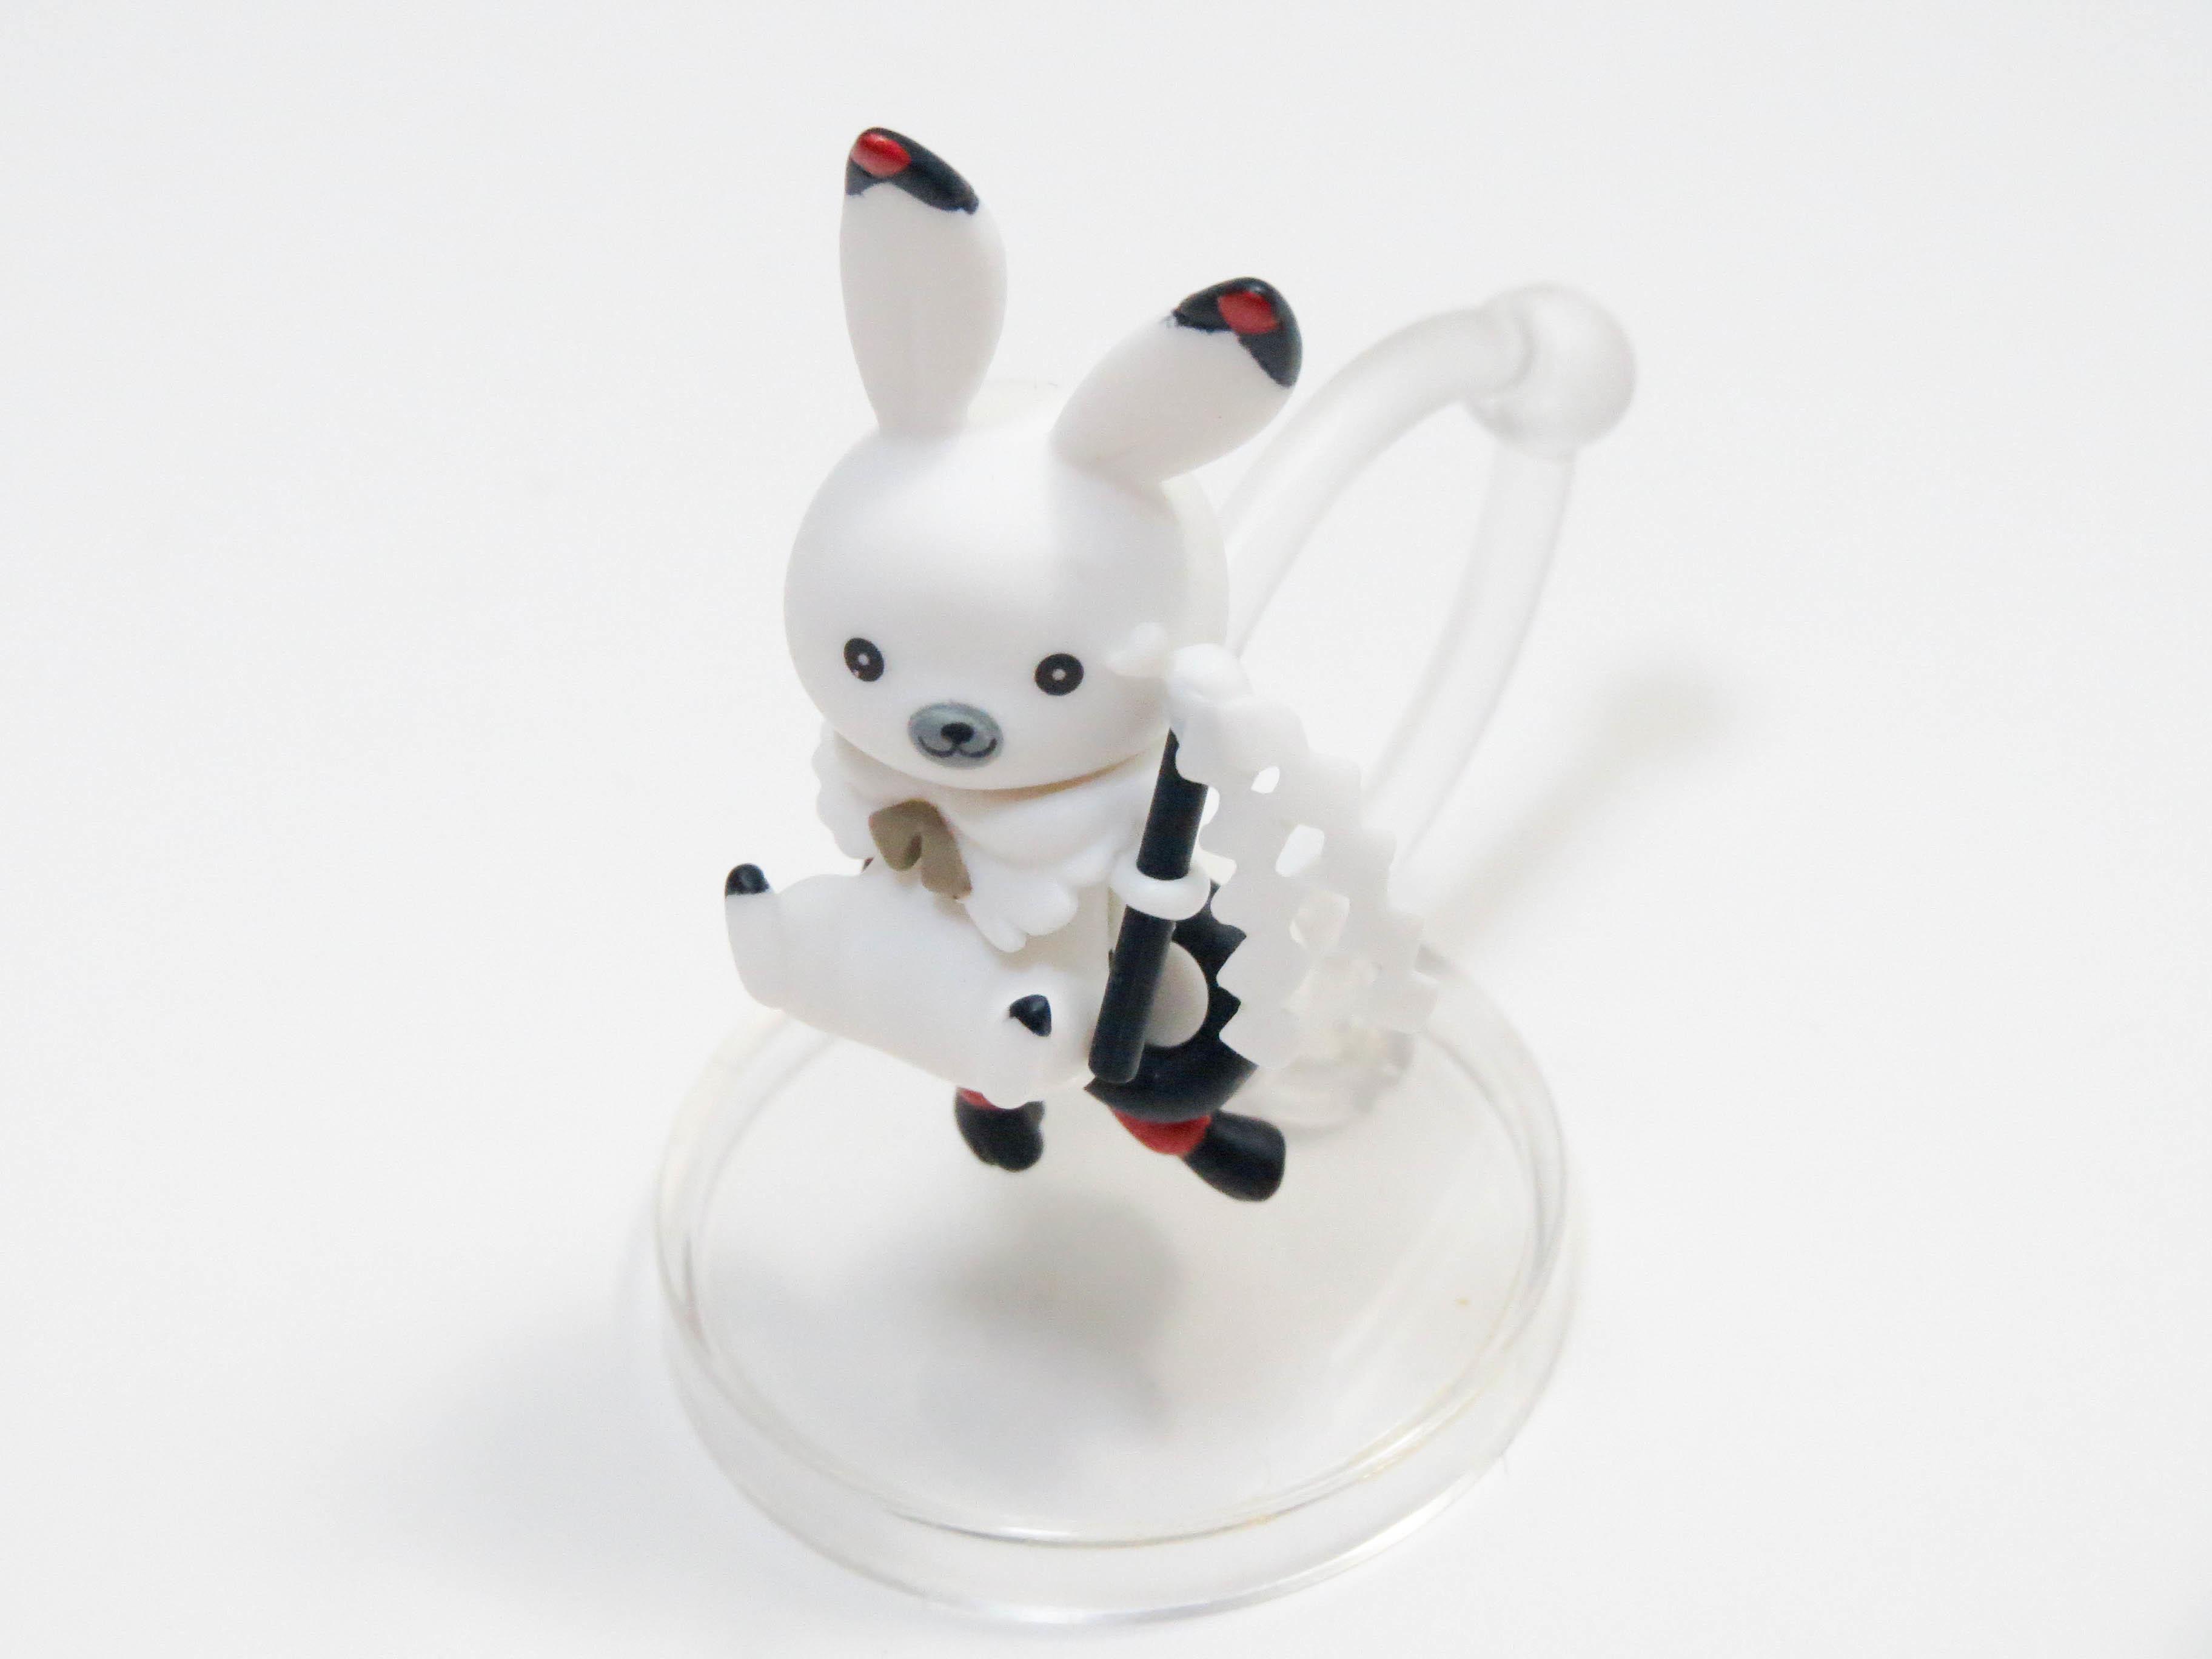 【SALE】【850】 雪ミク タンチョウ巫女Ver. 小物パーツ ラビット・ユキネ ねんどろいど